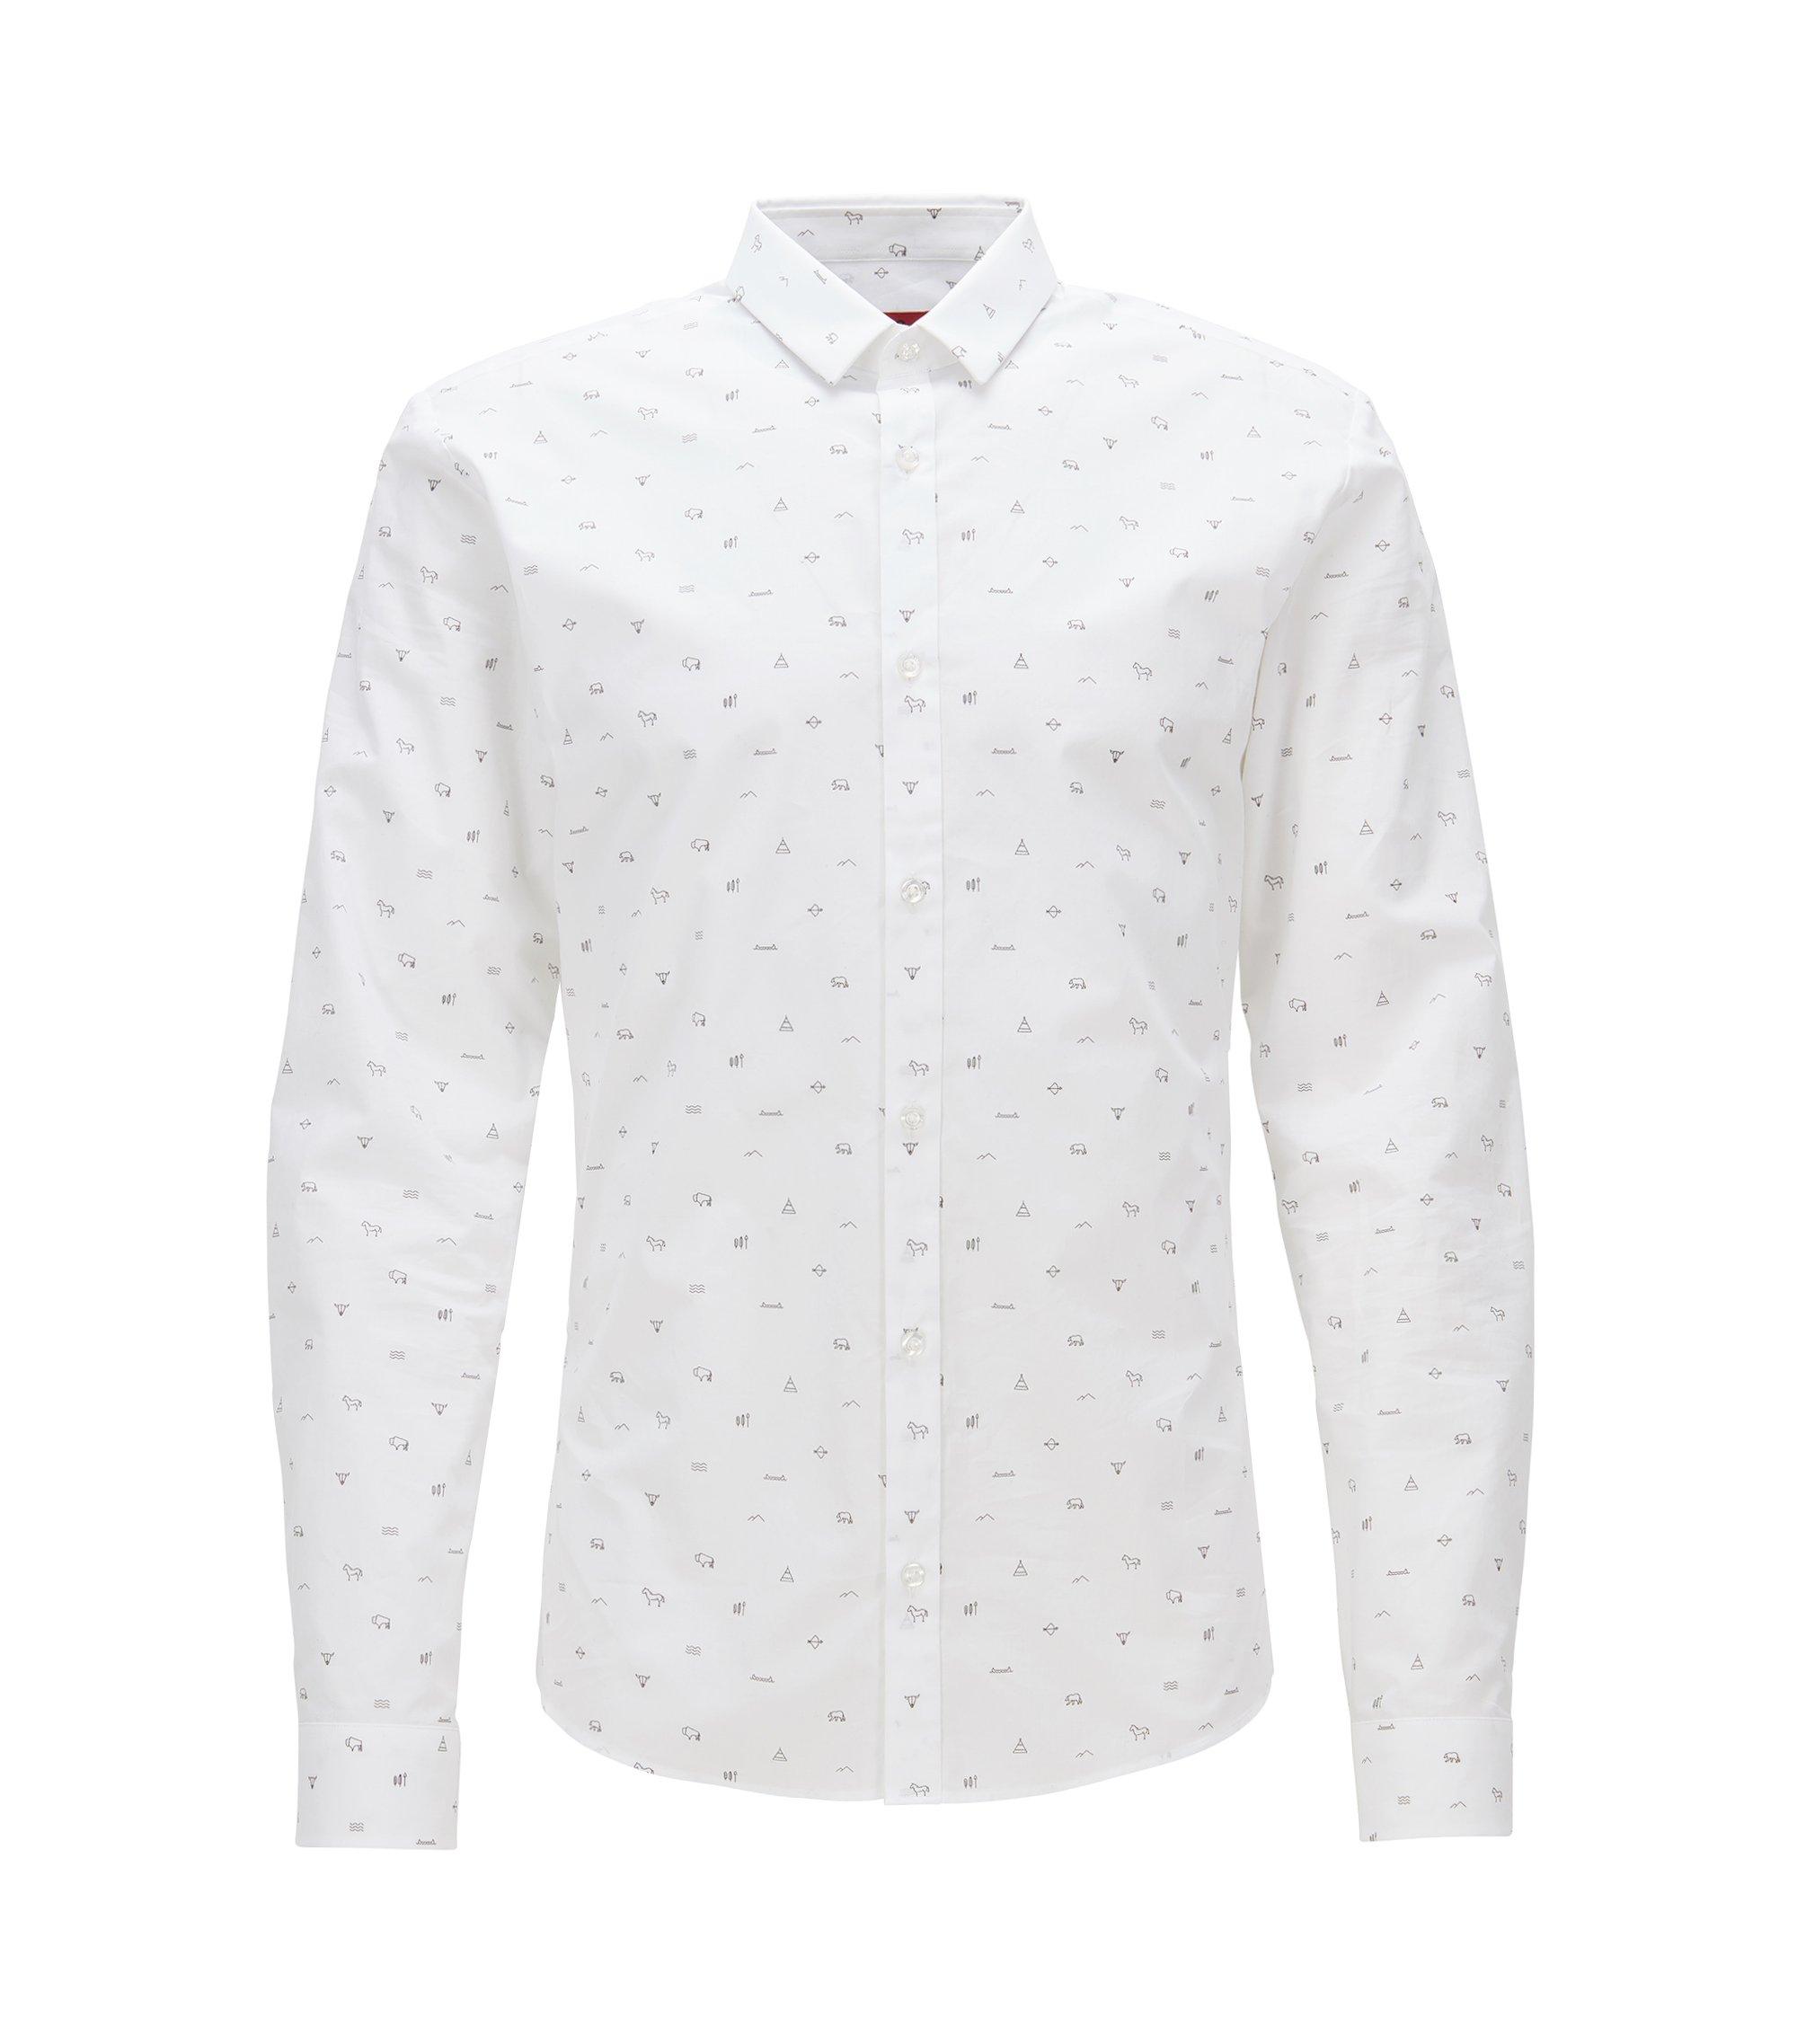 Chemise Slim Fit en popeline de coton imprimée, Blanc